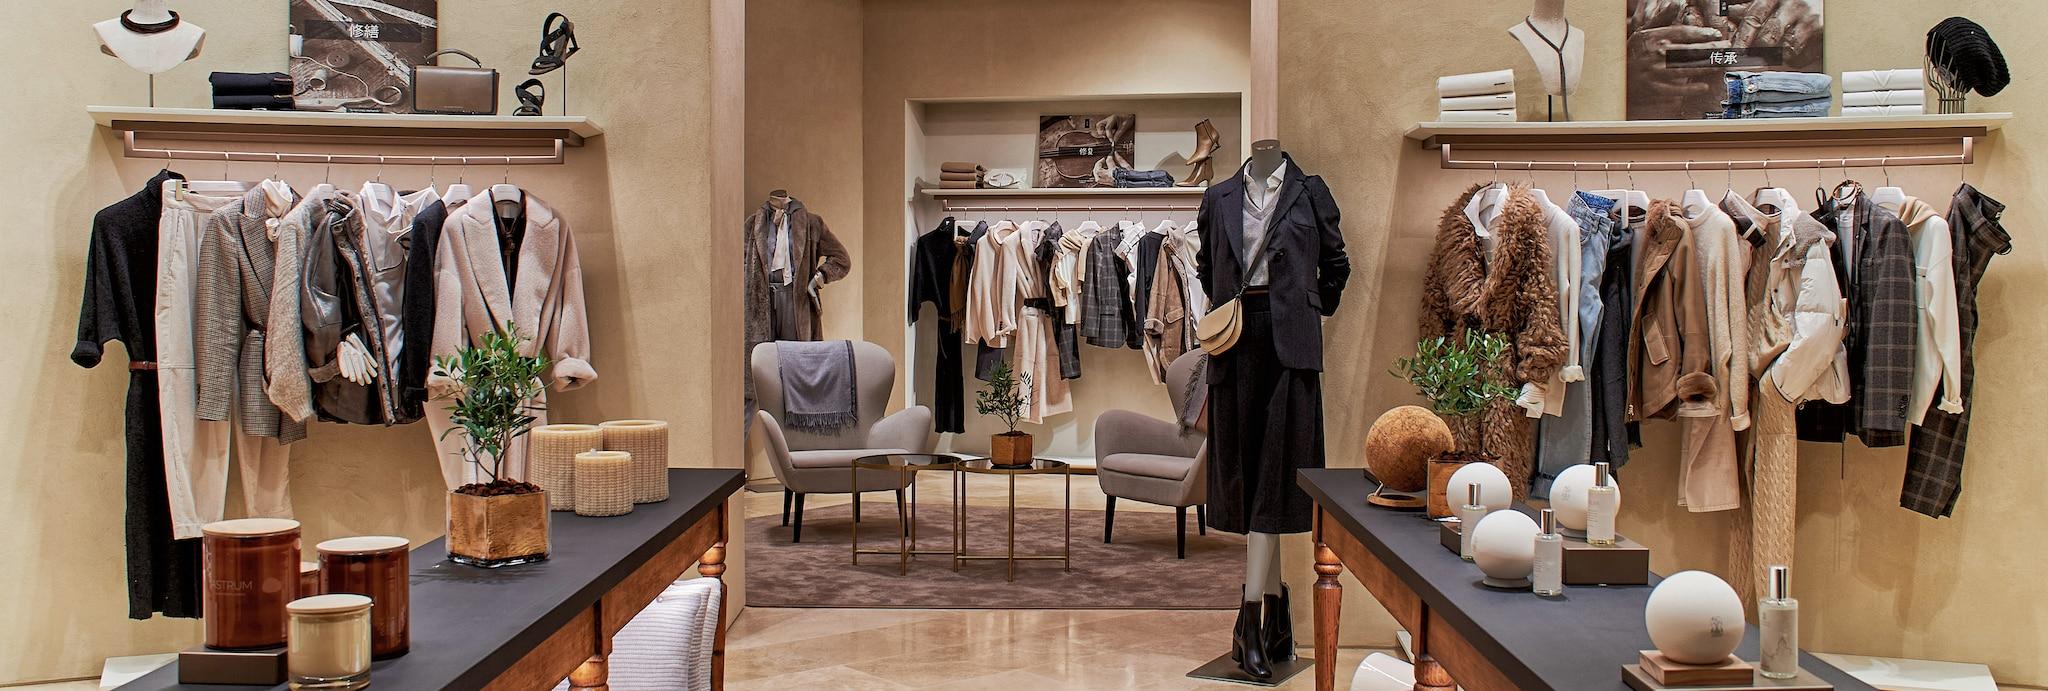 boutiques image